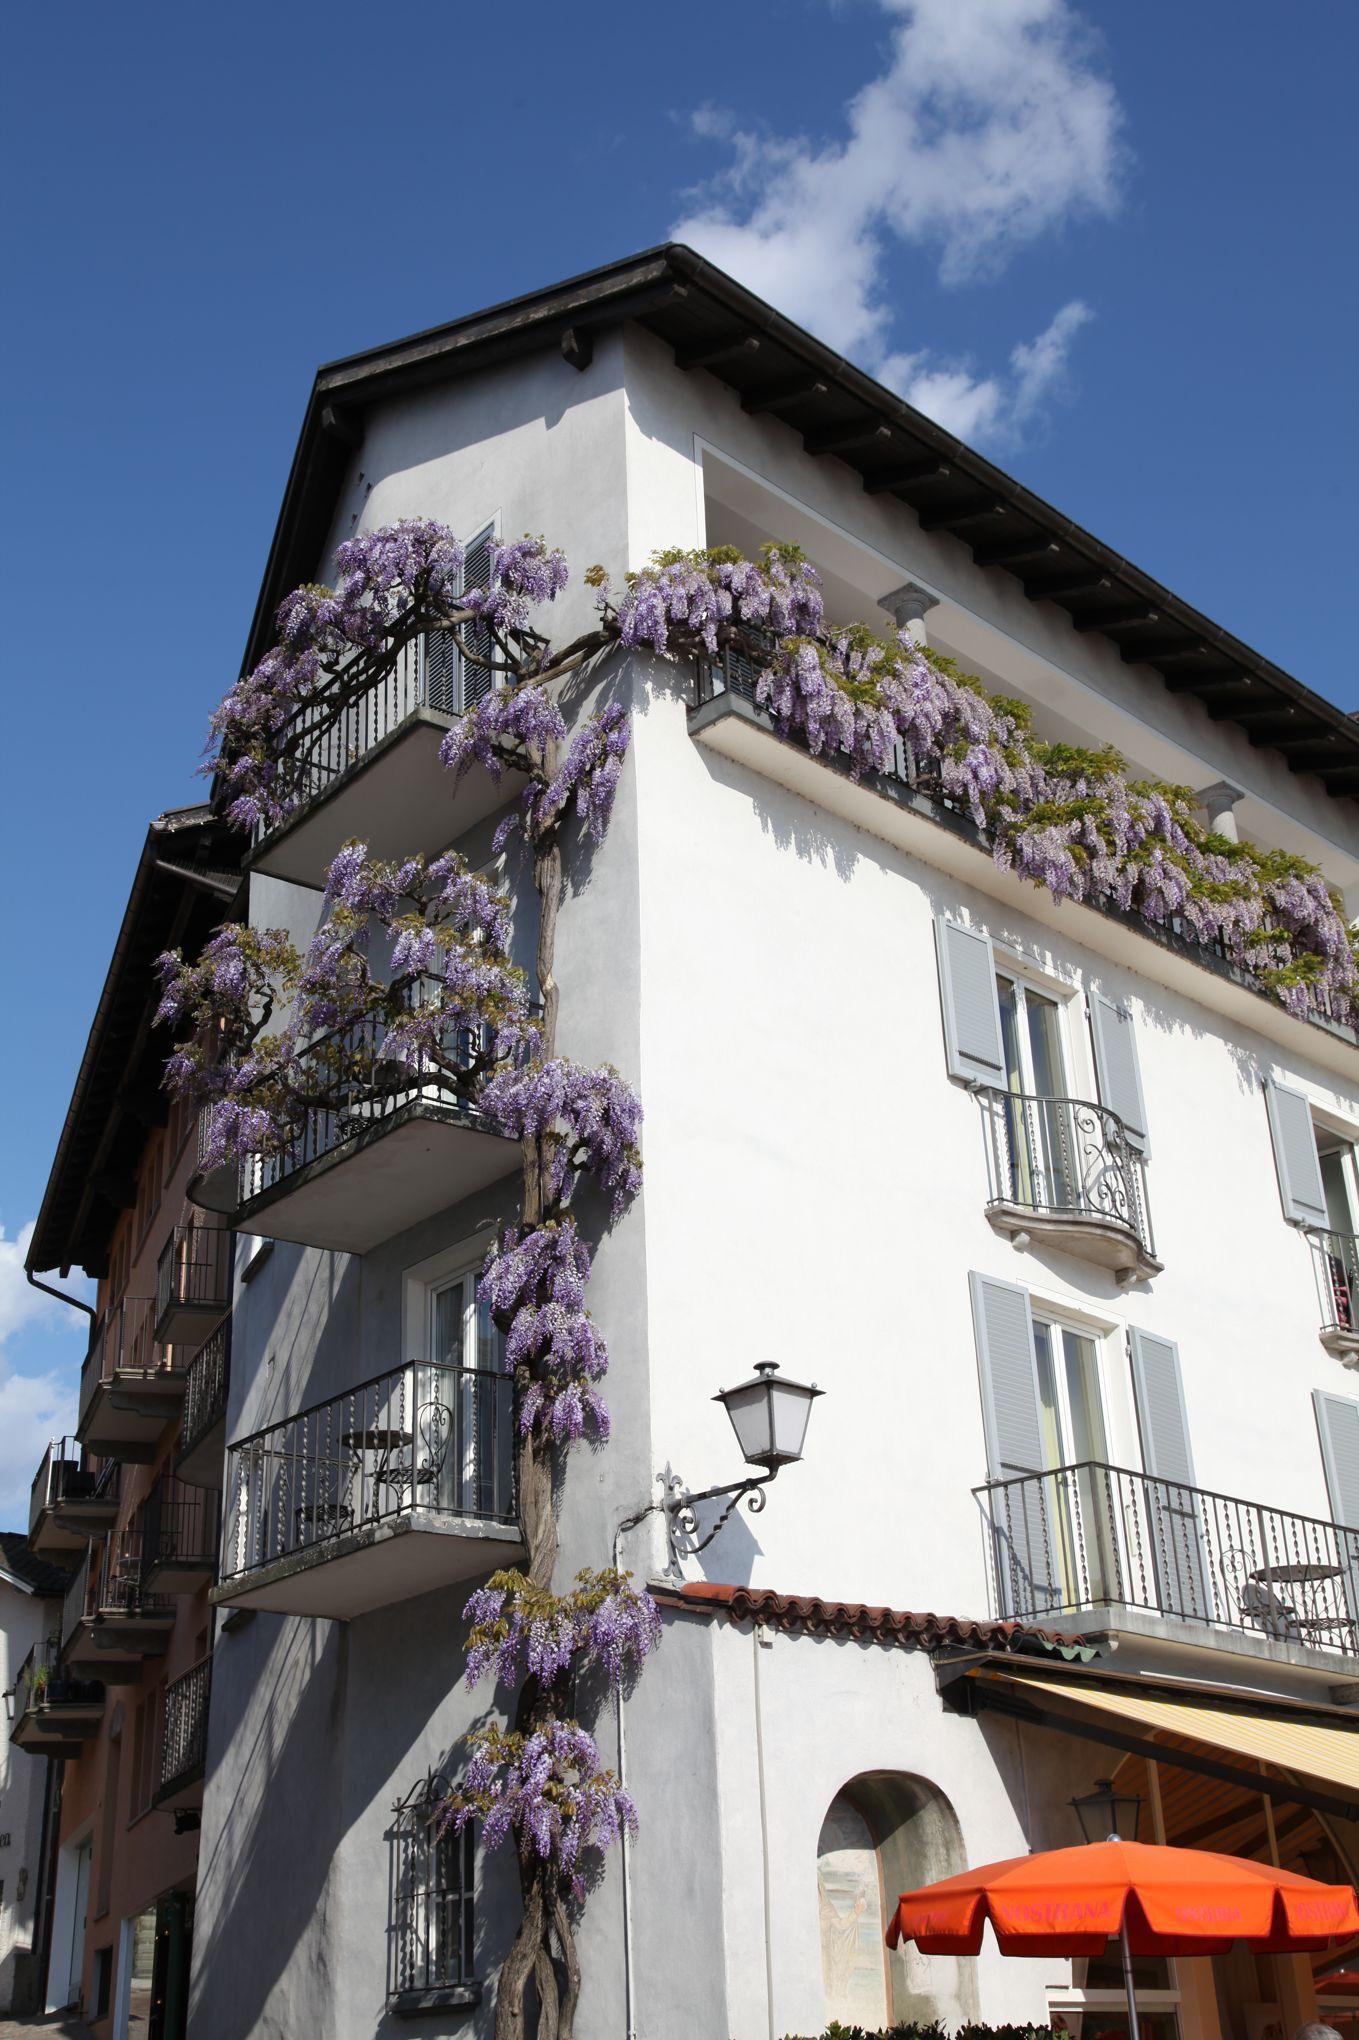 Quelle plante grimpante choisir sur un balcon ?